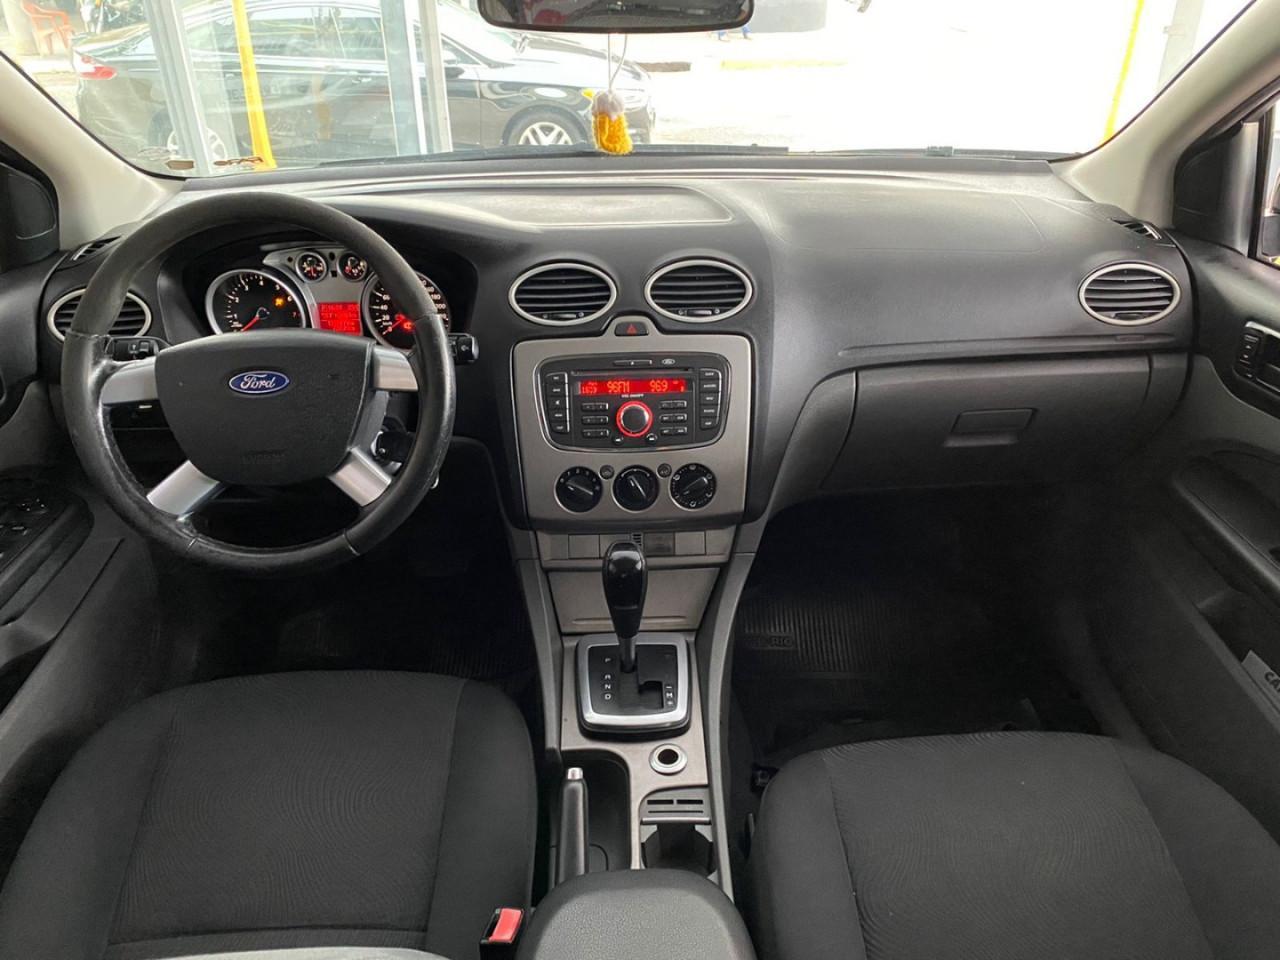 FORD Focus Hatch 2.0 16V 4P FLEX AUTOMÁTICO, Foto 11